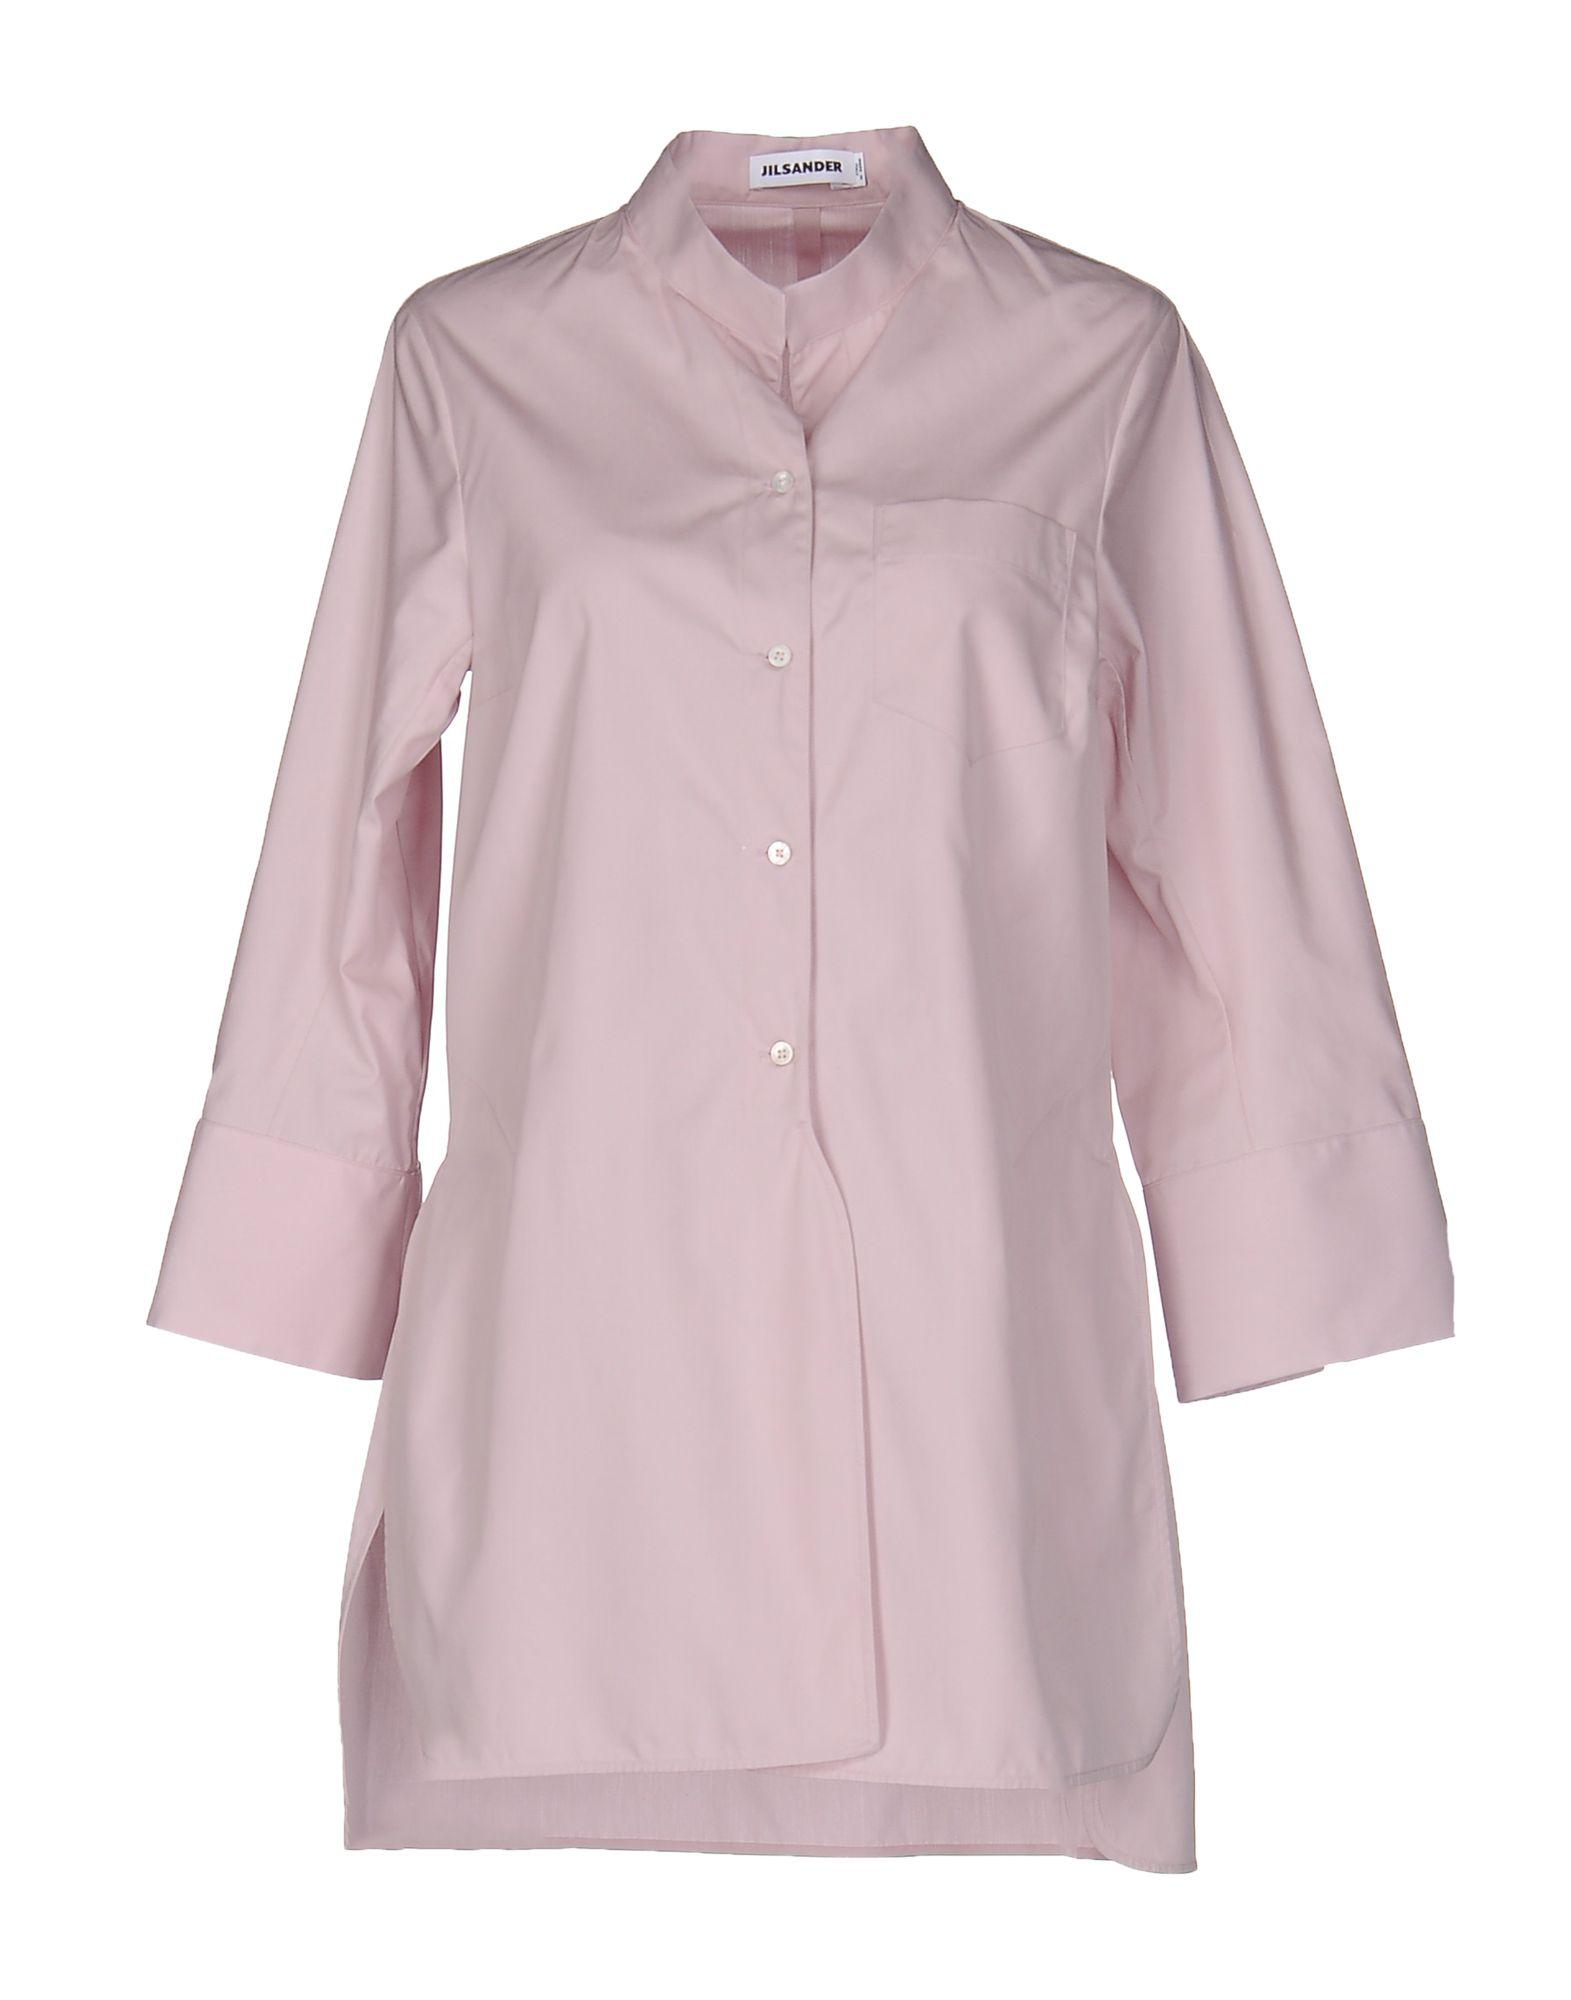 Jil Sander Cottons Solid color shirts & blouses